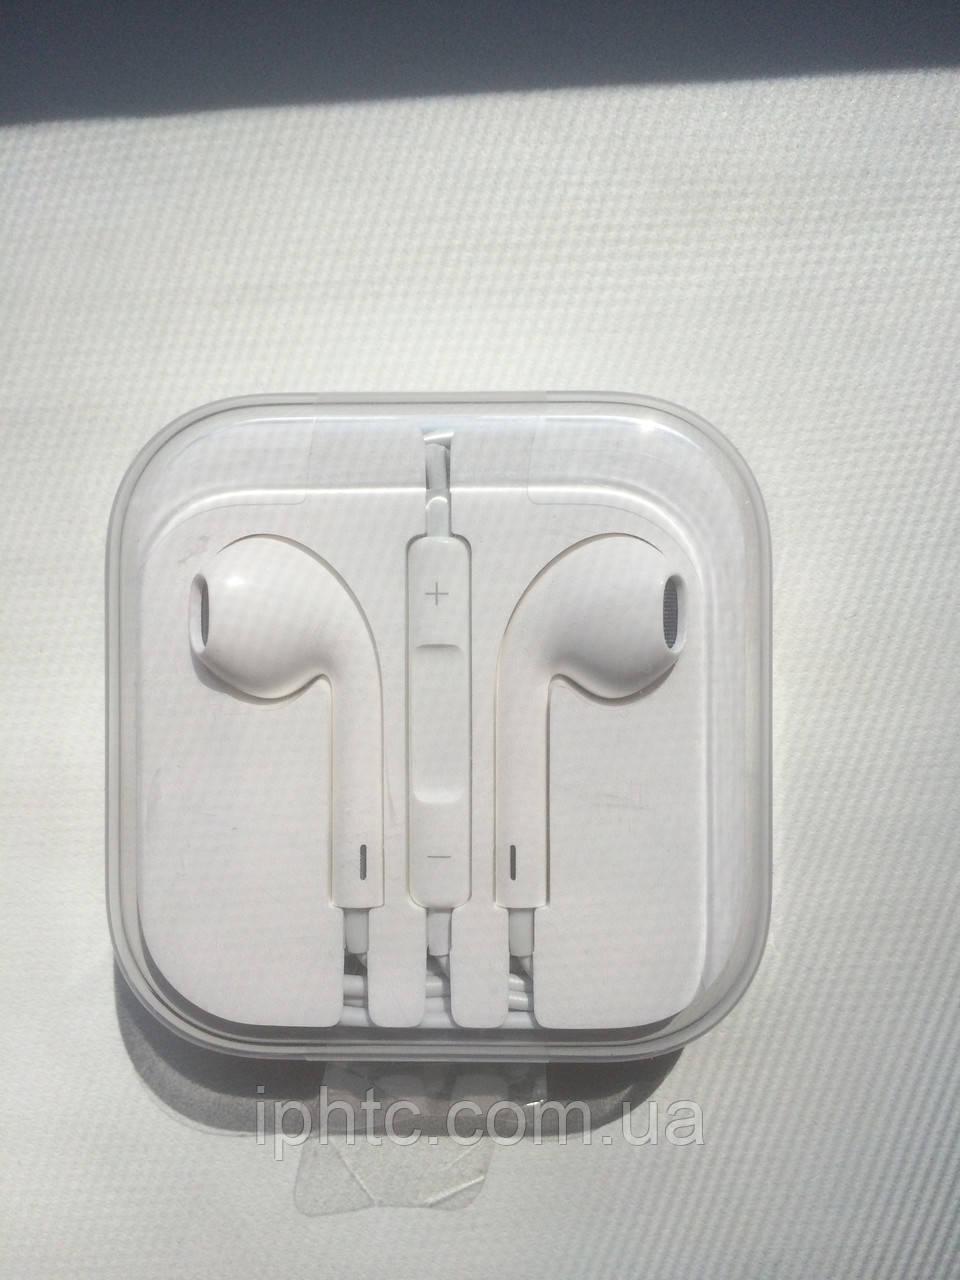 Оригинал наушники Apple EarPods with Remote and Mic, фото 1